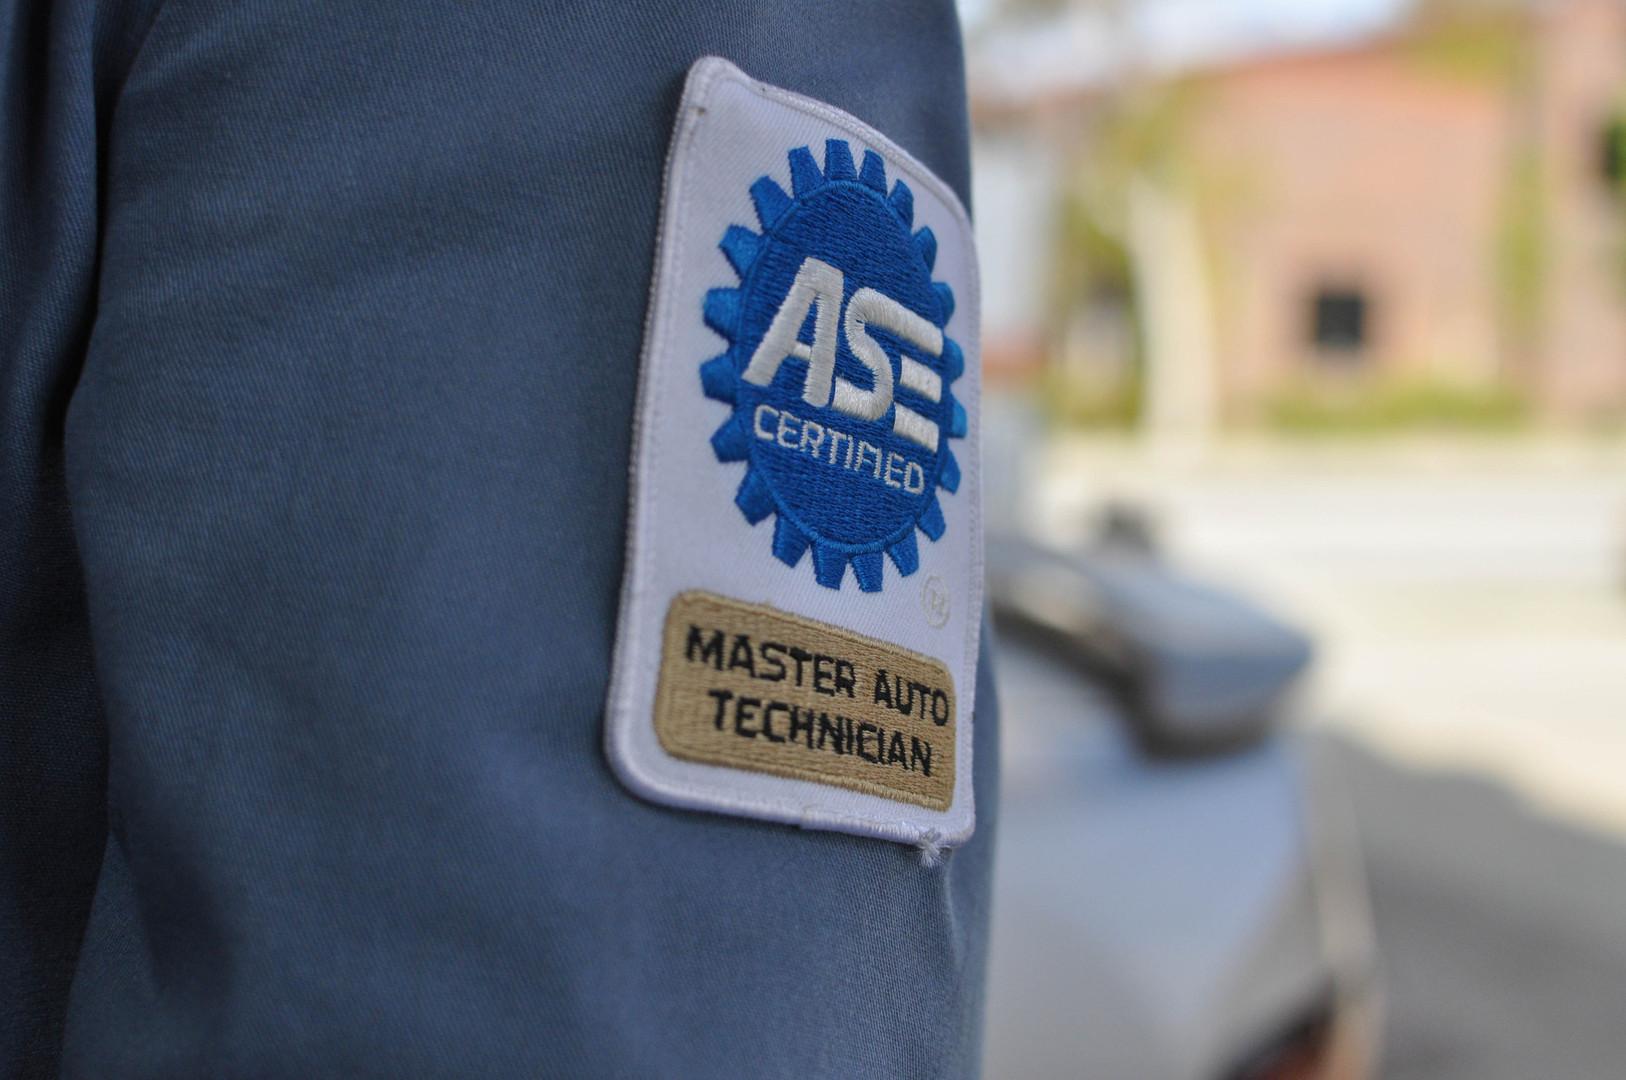 ASE Certifide